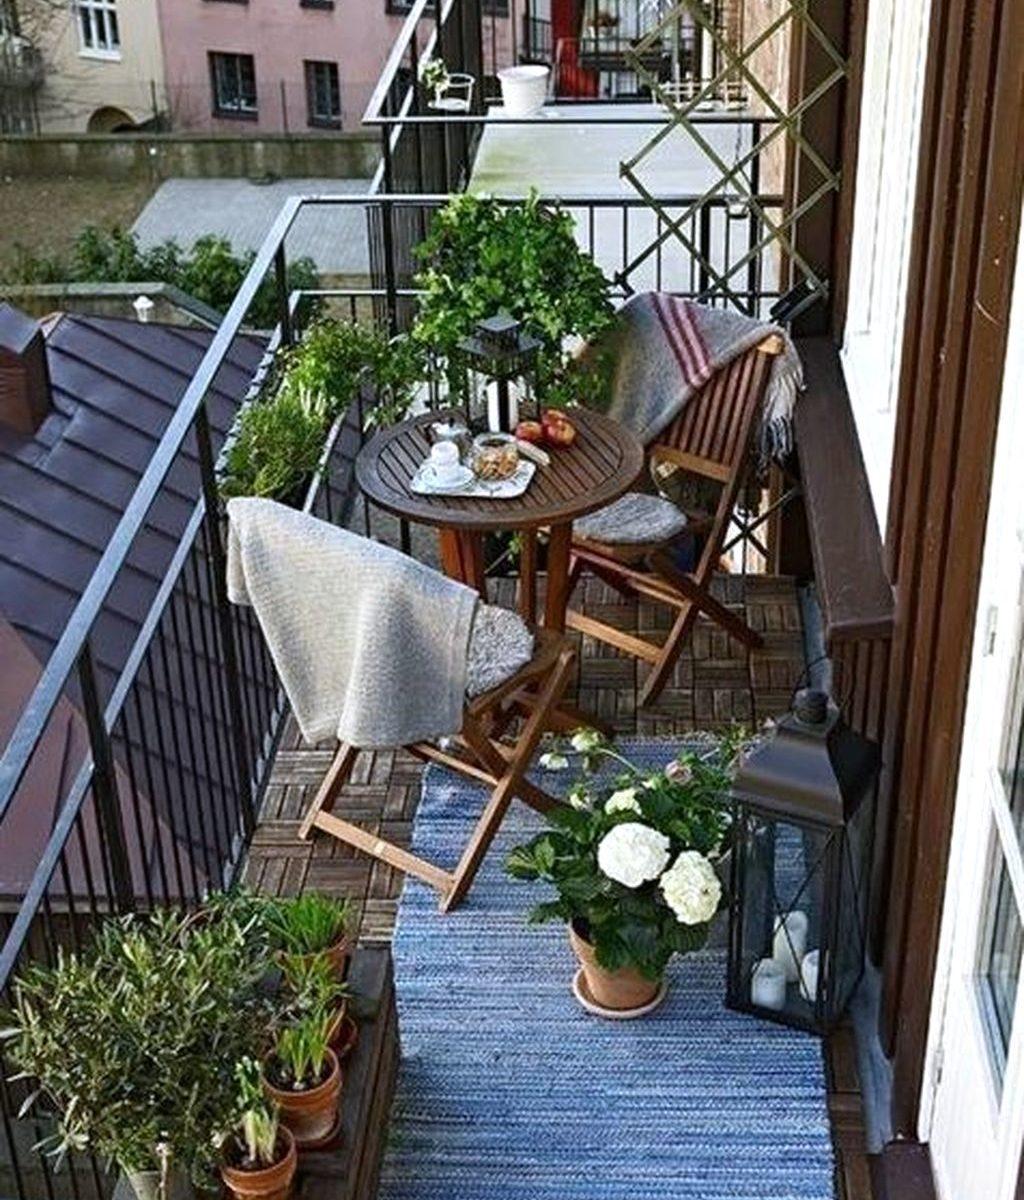 Stunning Apartment Balcony Garden Ideas Look Beautiful 22